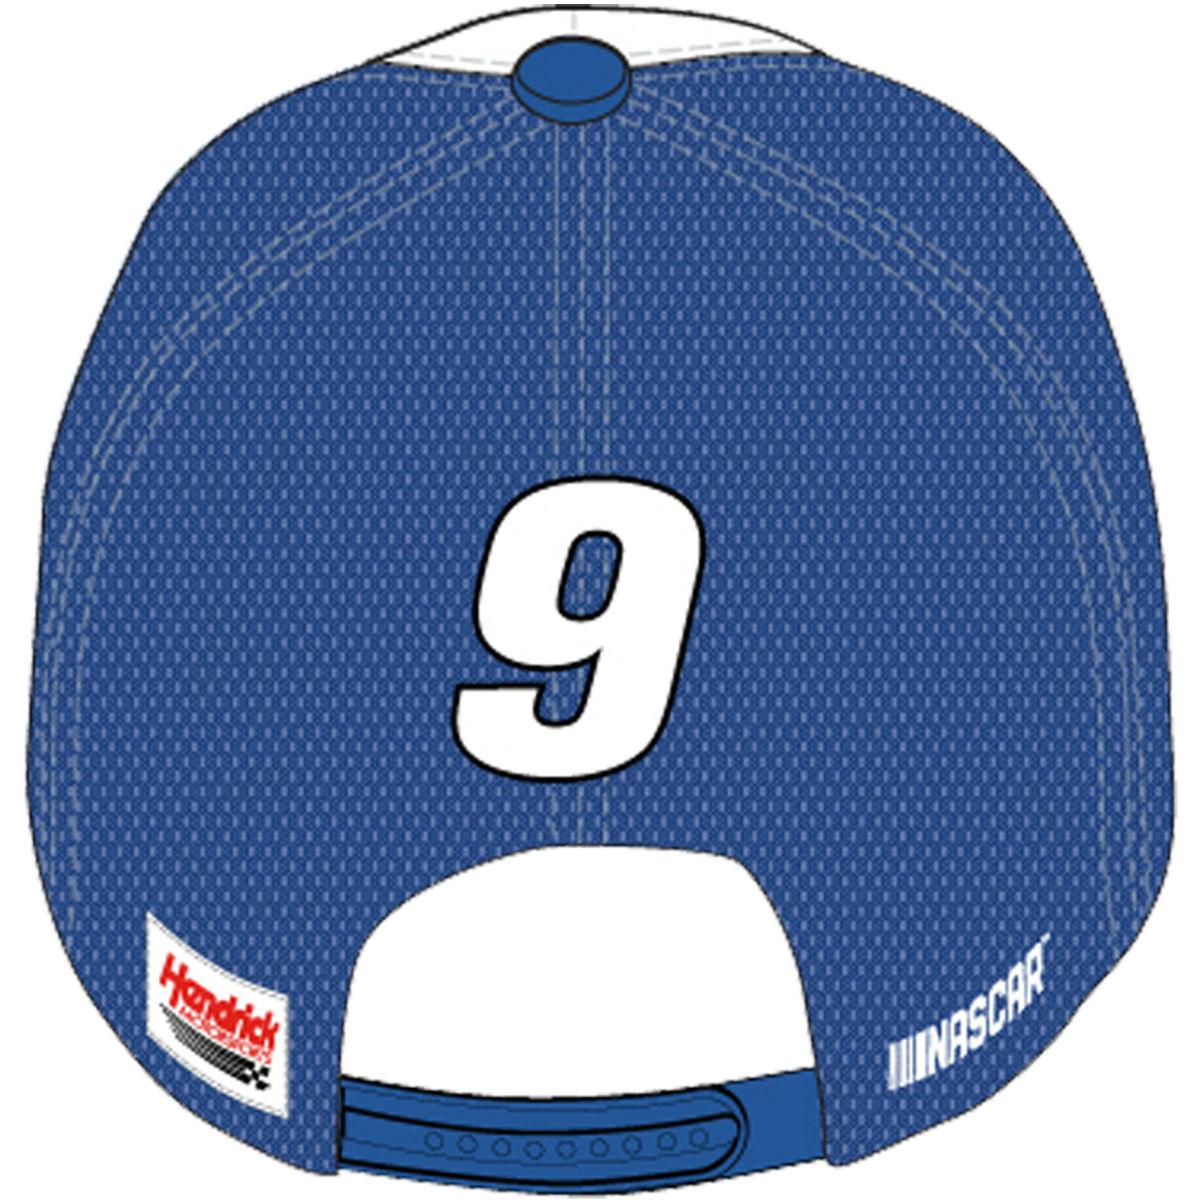 #9 Chase Elliott NAPA 2019 Darlington Hat